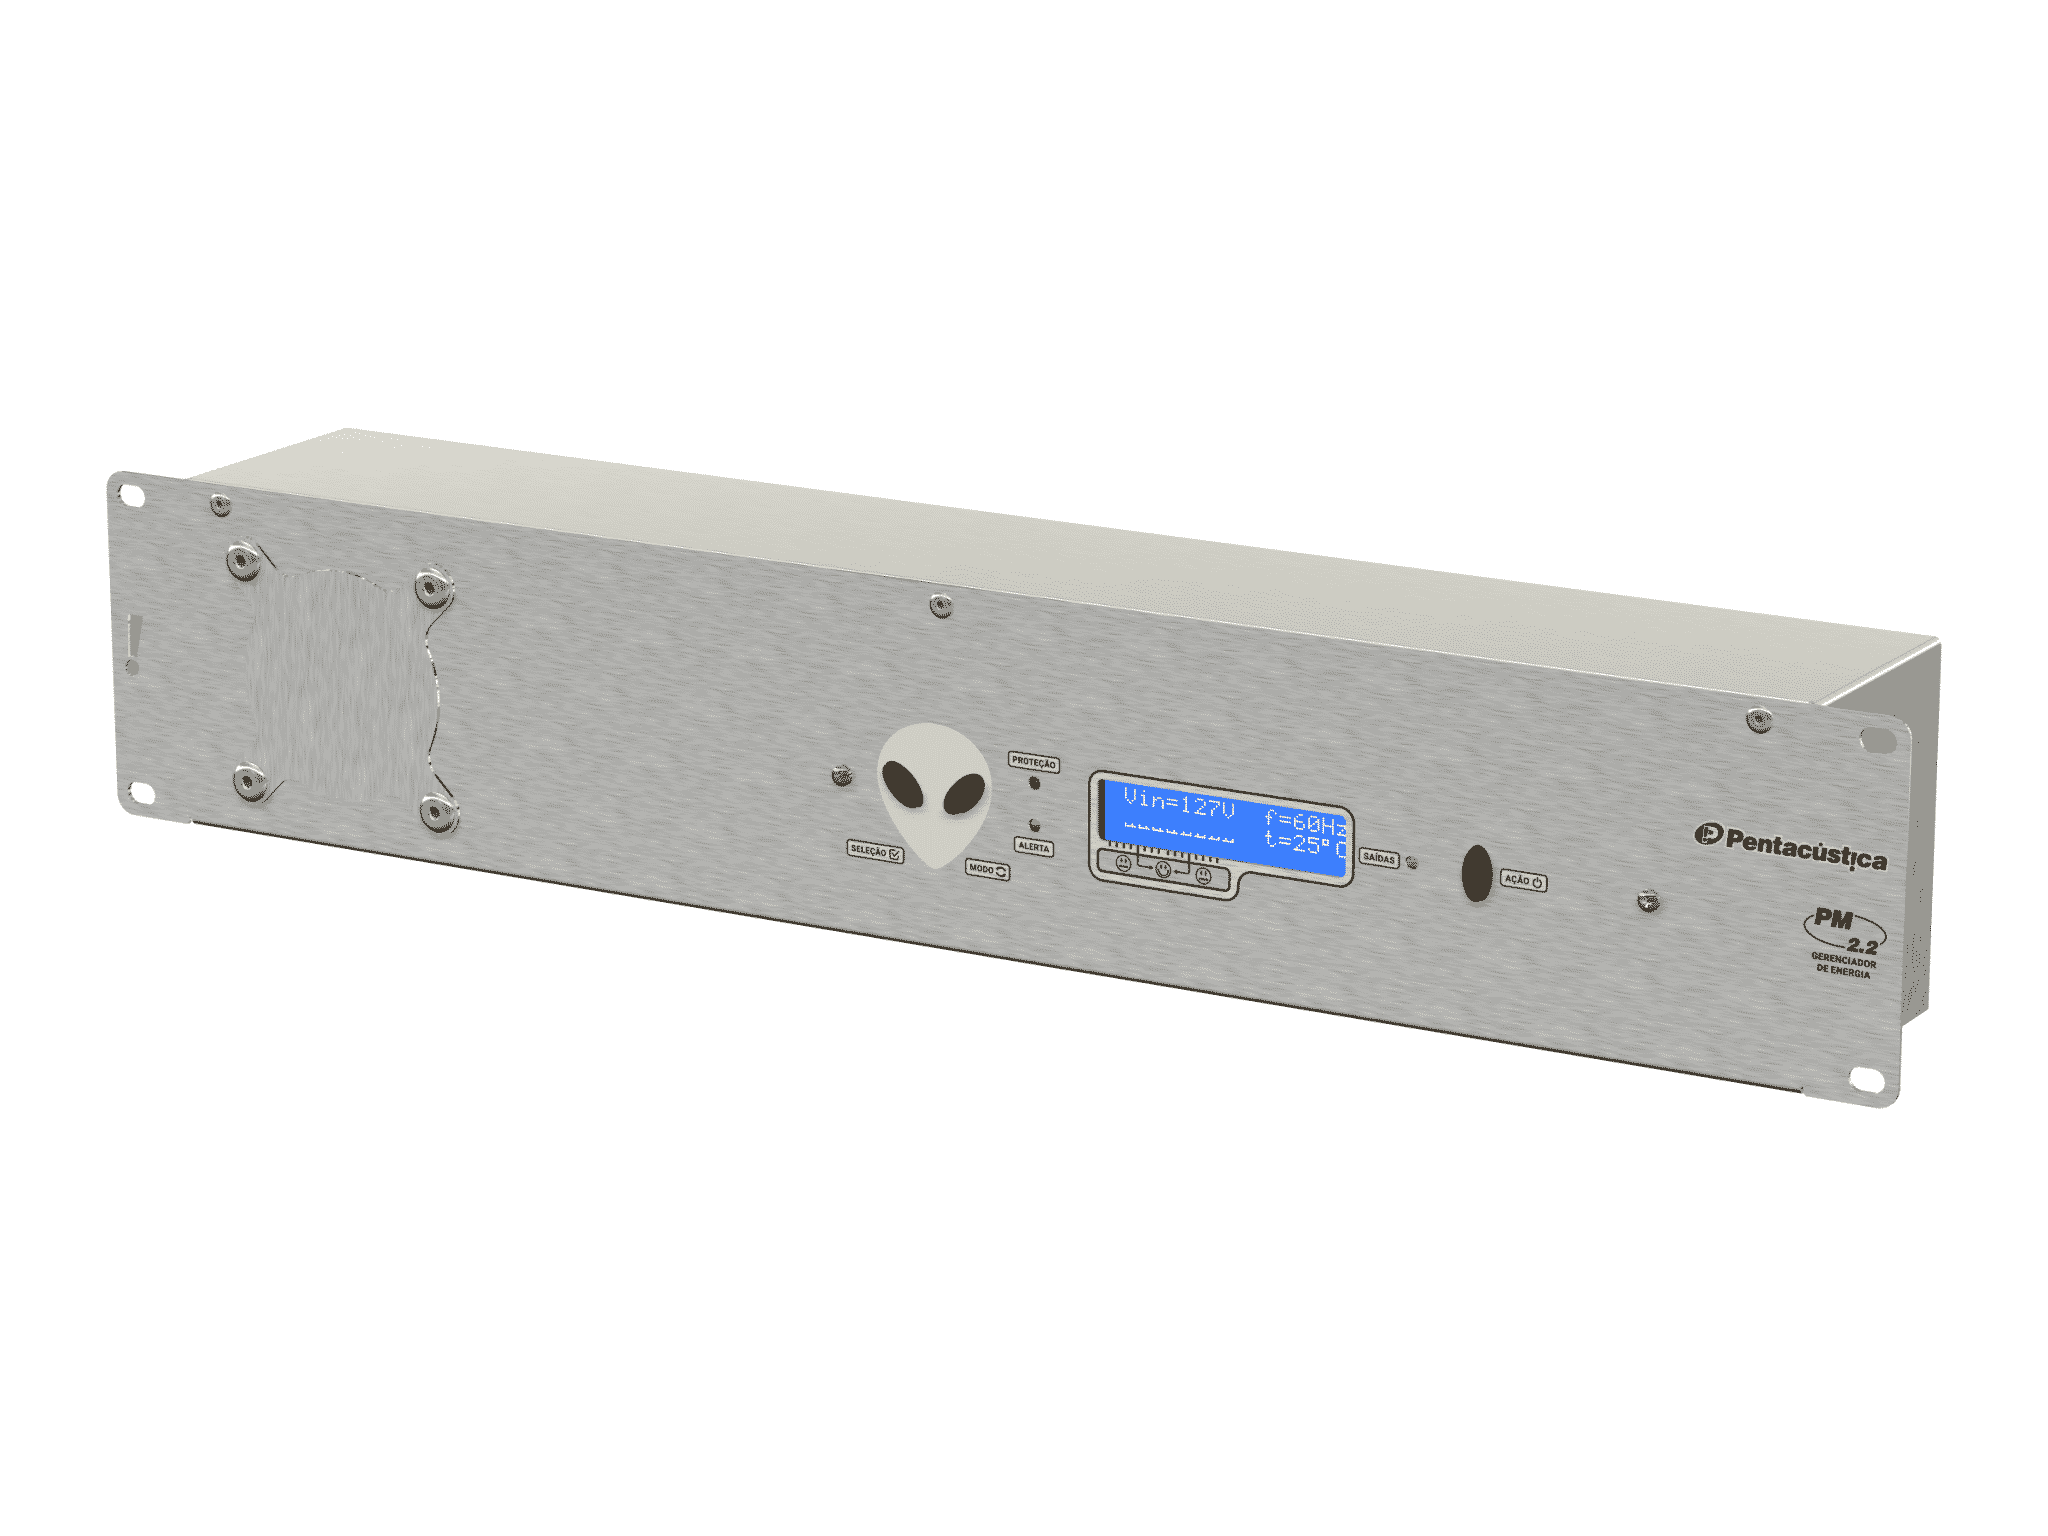 Pentacústica PM-2.2_PC_220V_IM100254